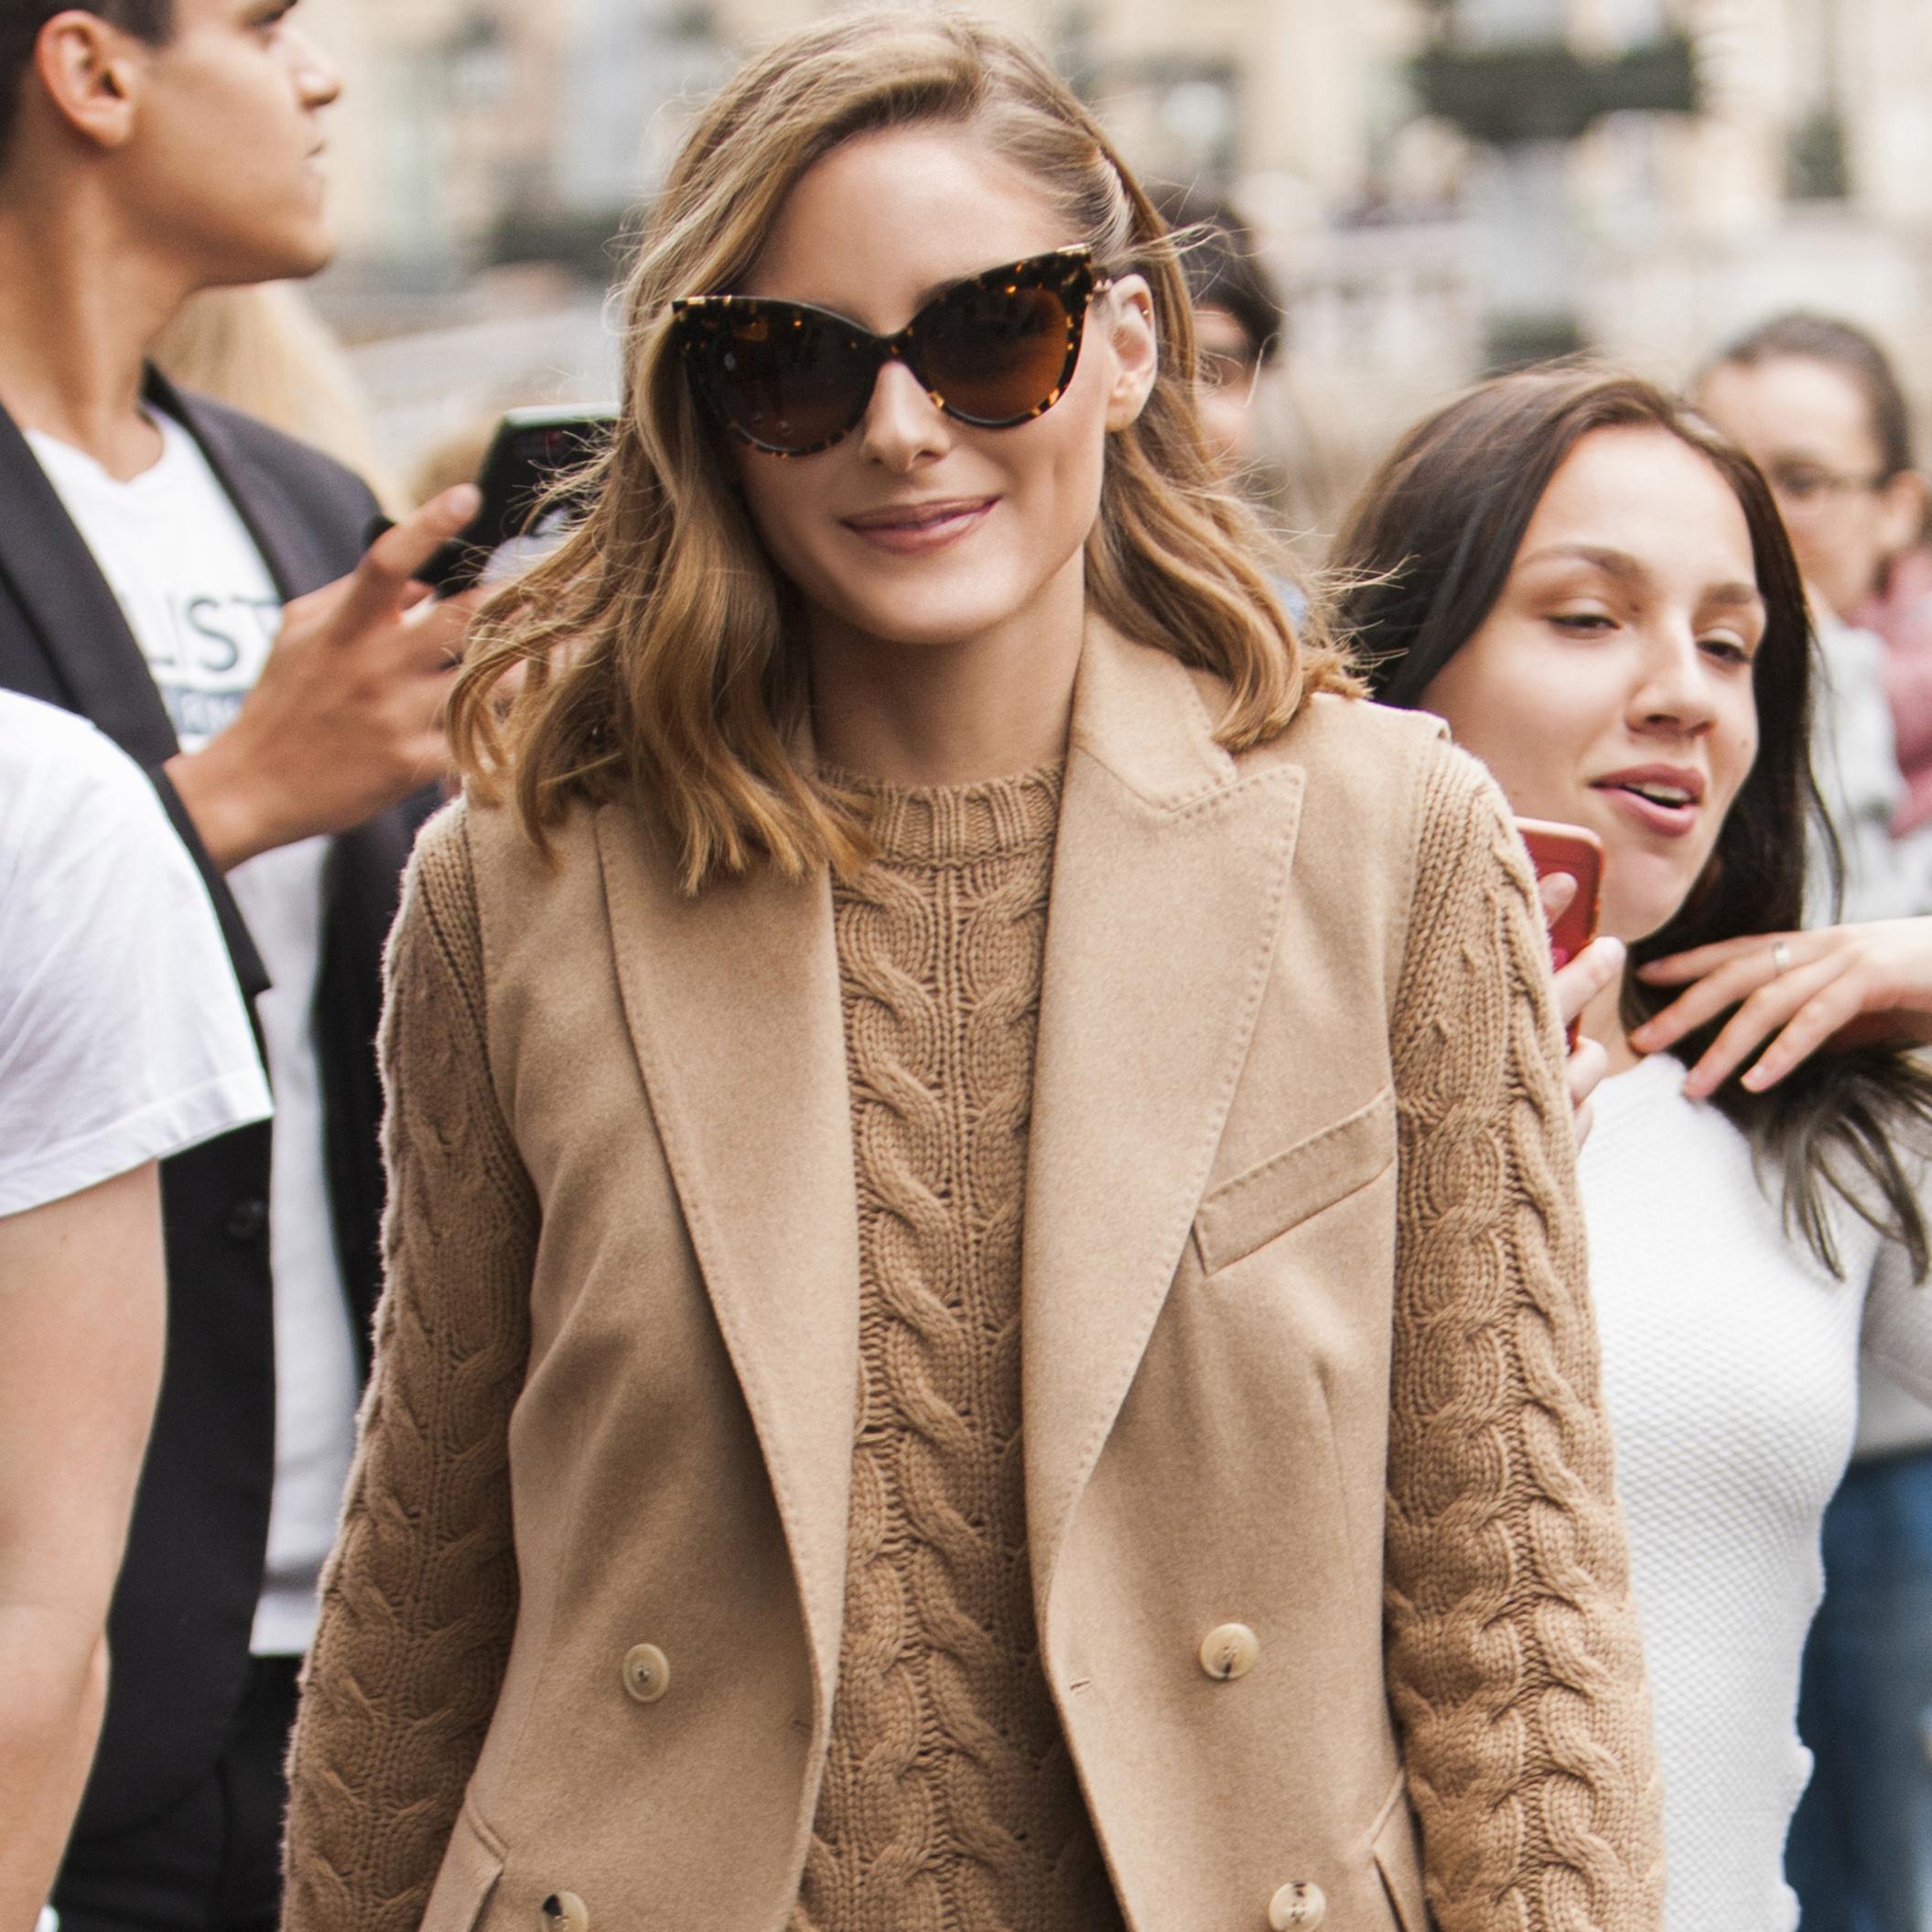 Obožavamo njezin stil: Olivia Palermo na pariškim ulicama pokazala fantastičnu jesensku kombinaciju